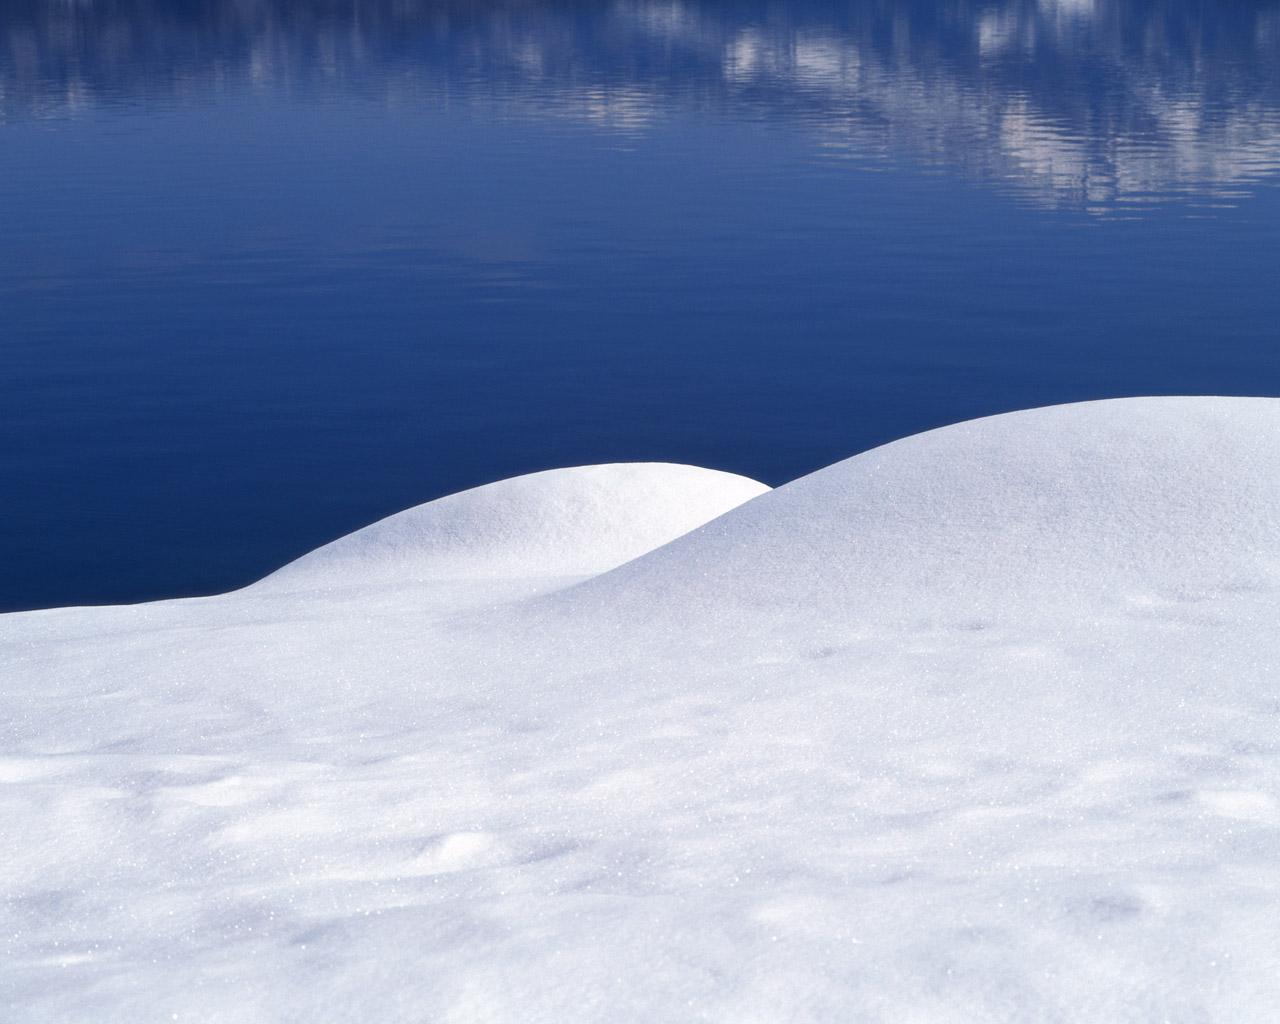 Сугробы, снег, фото, скачать